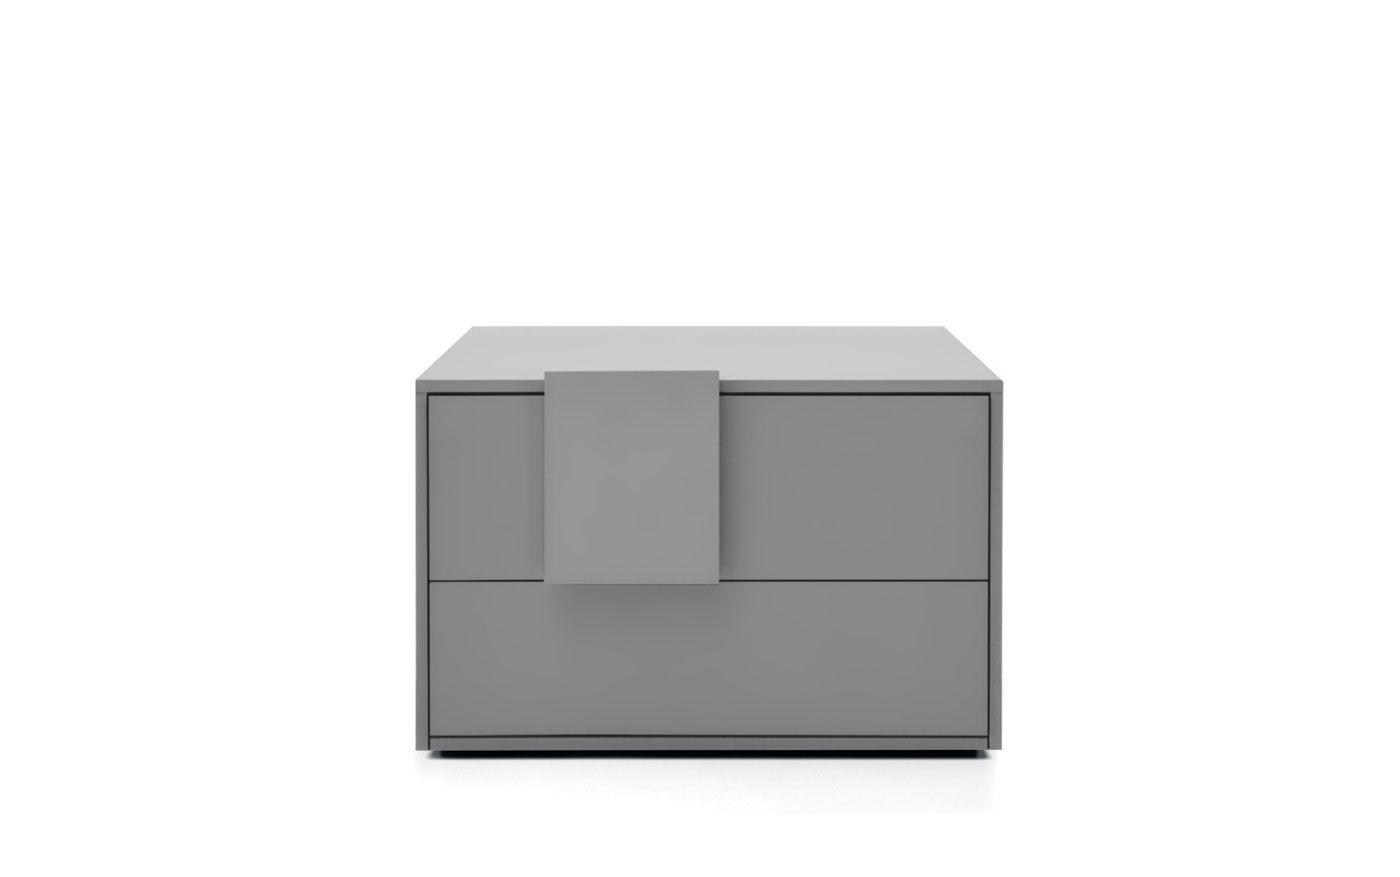 Mini Kühlschrank Nachttisch : Nachttisch dotty möbel schlafzimmermöbel nachttische wie